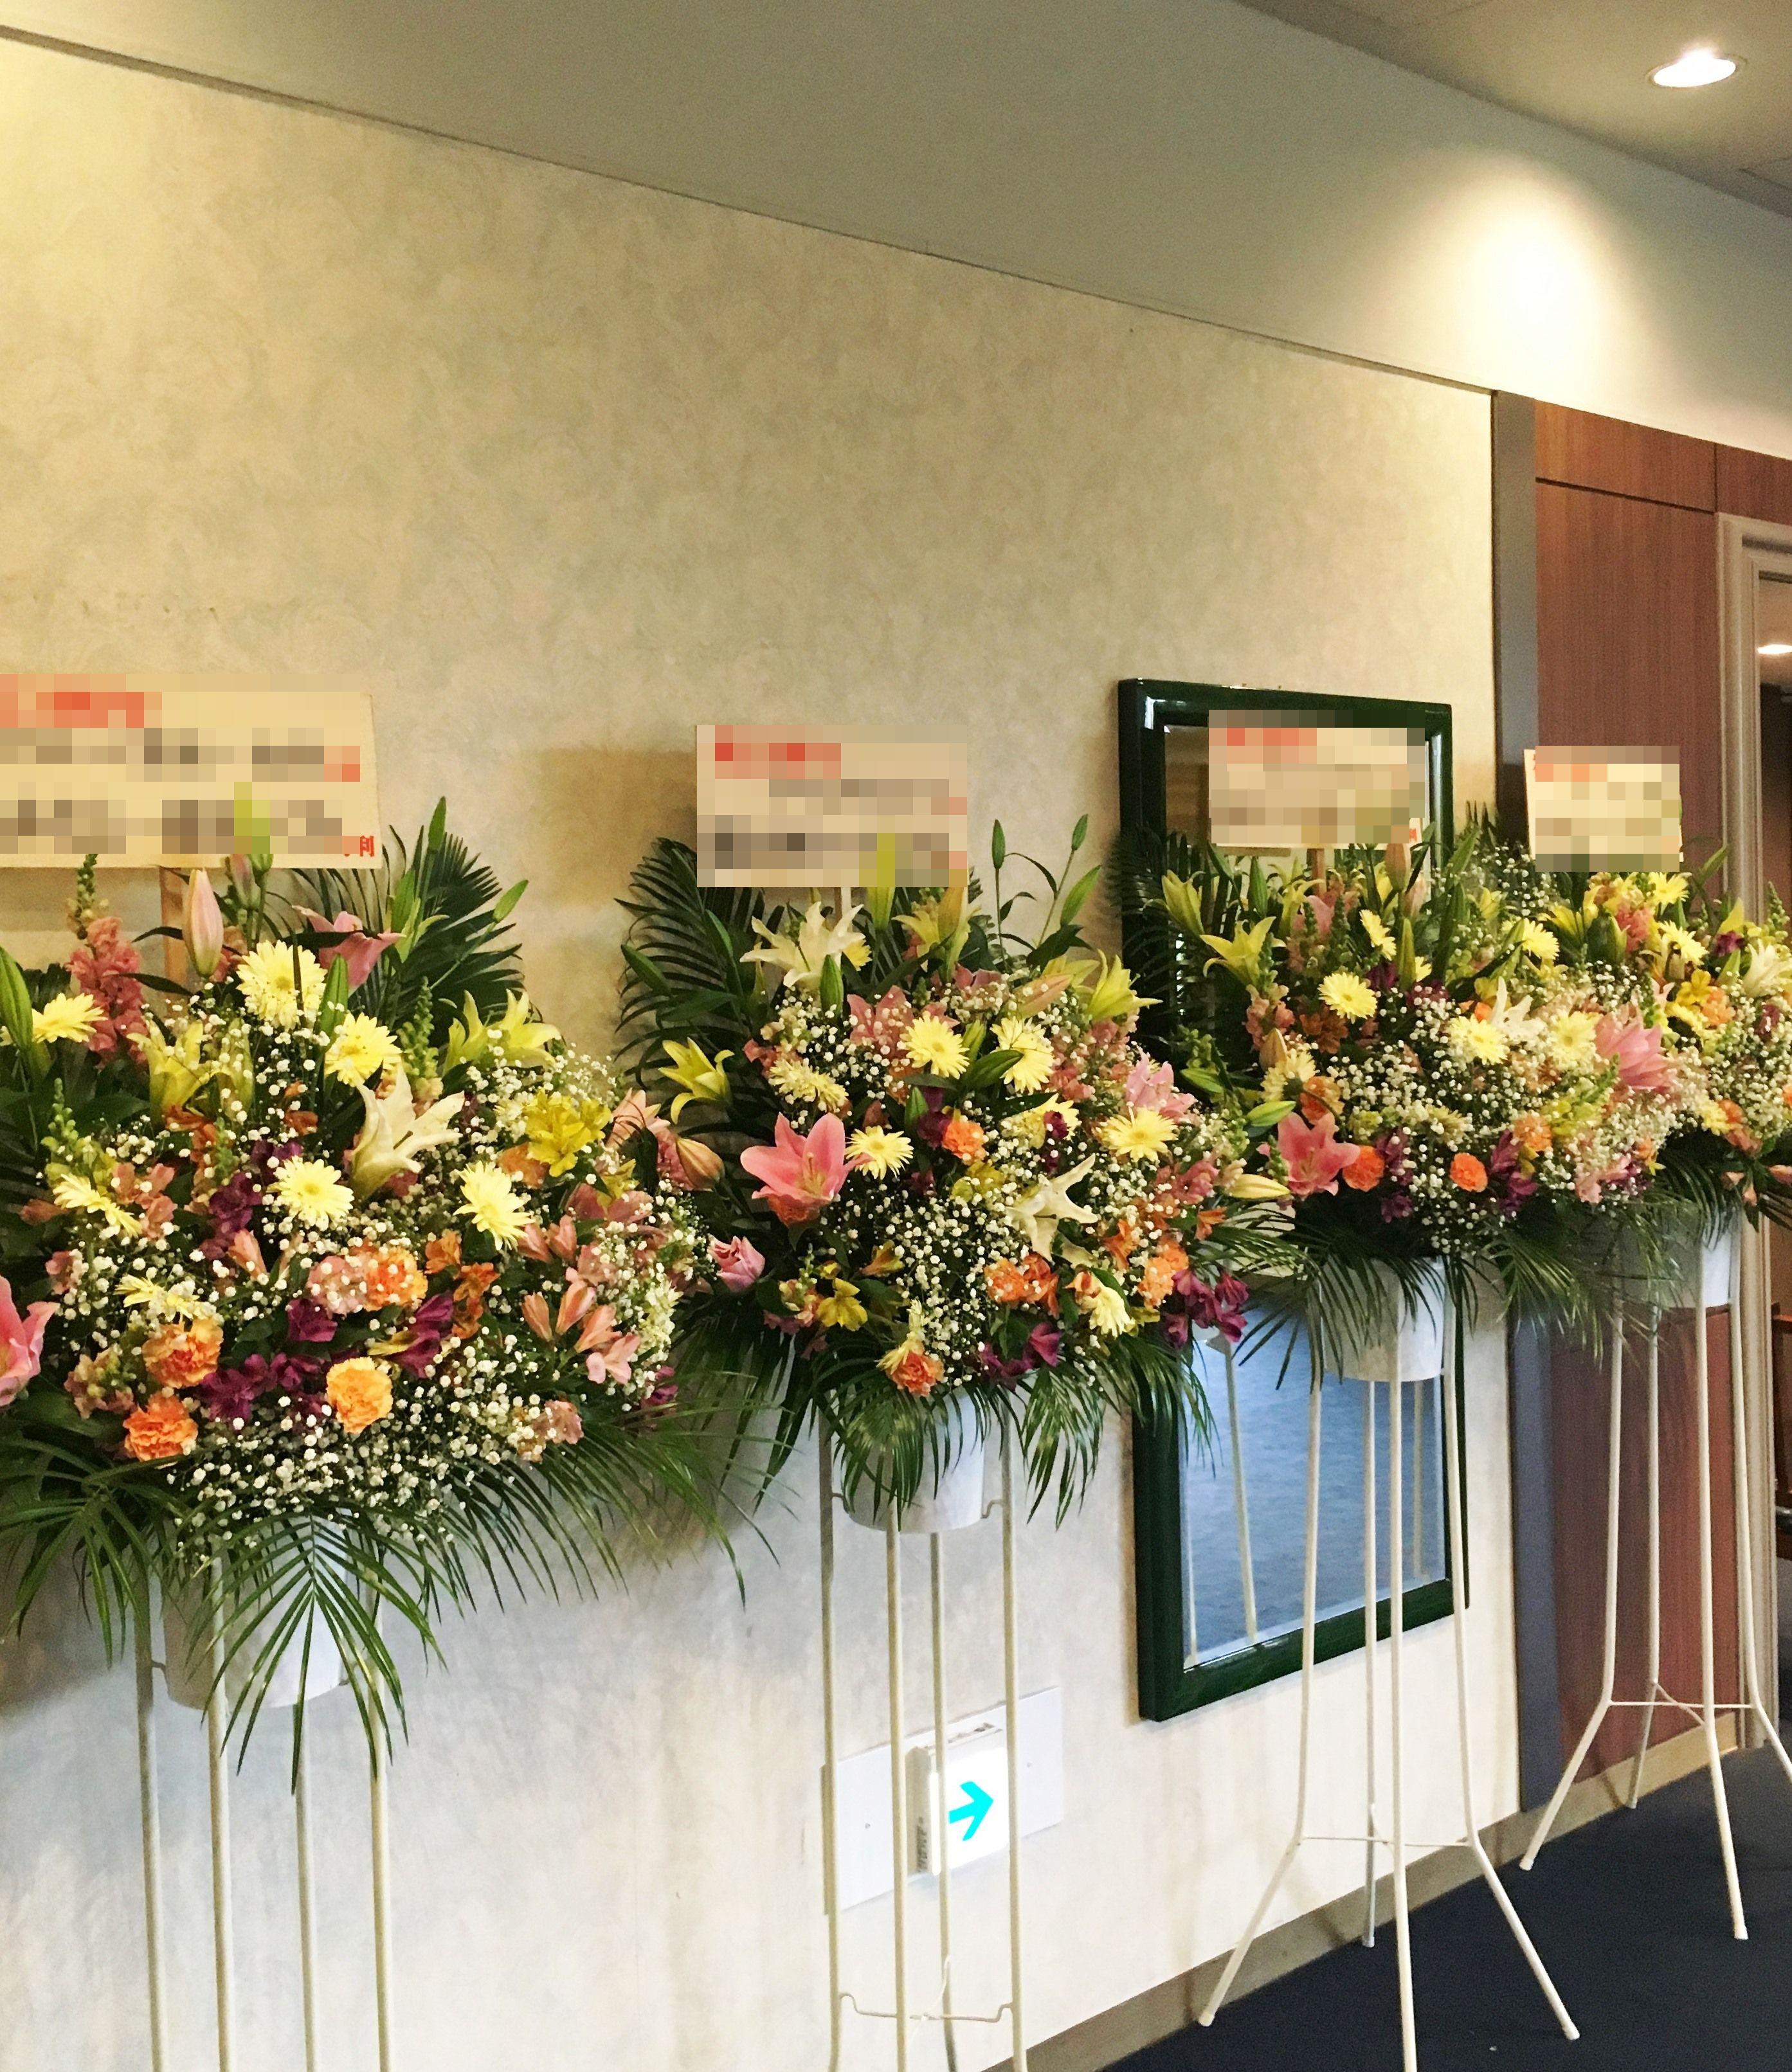 【ナオ花屋の納品事例218】横浜市関内のダンスパーティー会場へスタンド花を配達しました!